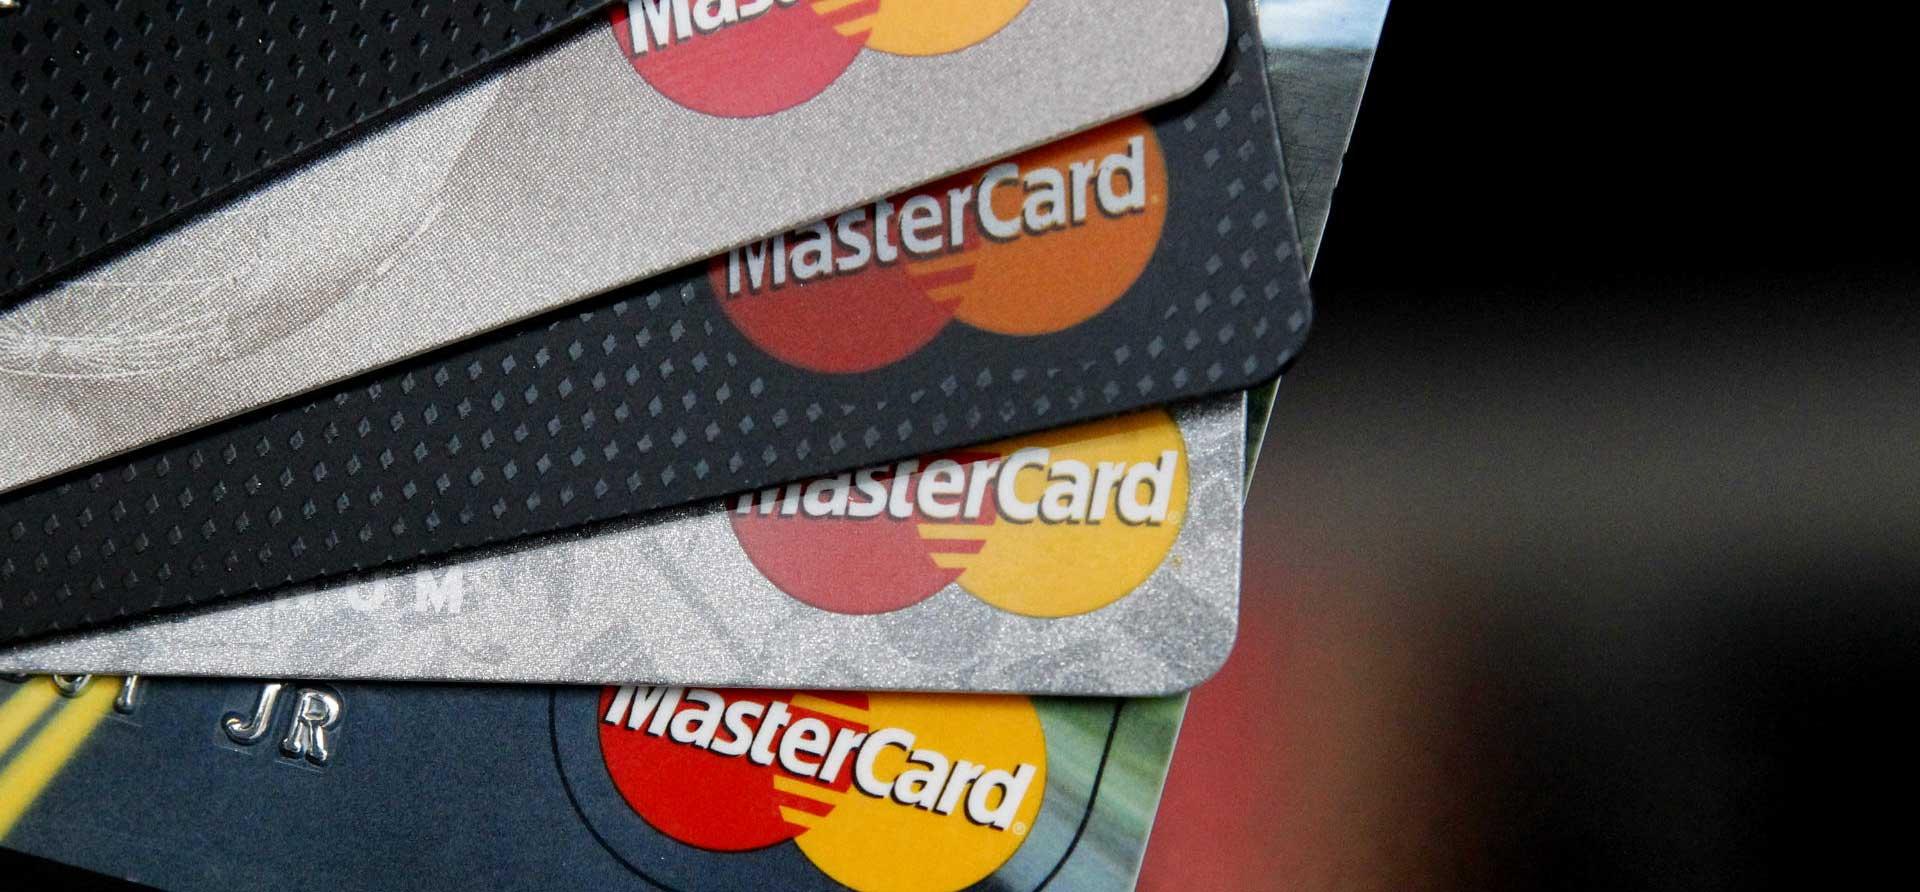 Mastercard consigue una patente para un sistema de gestión de reservas fraccionarias de moneda blockchain